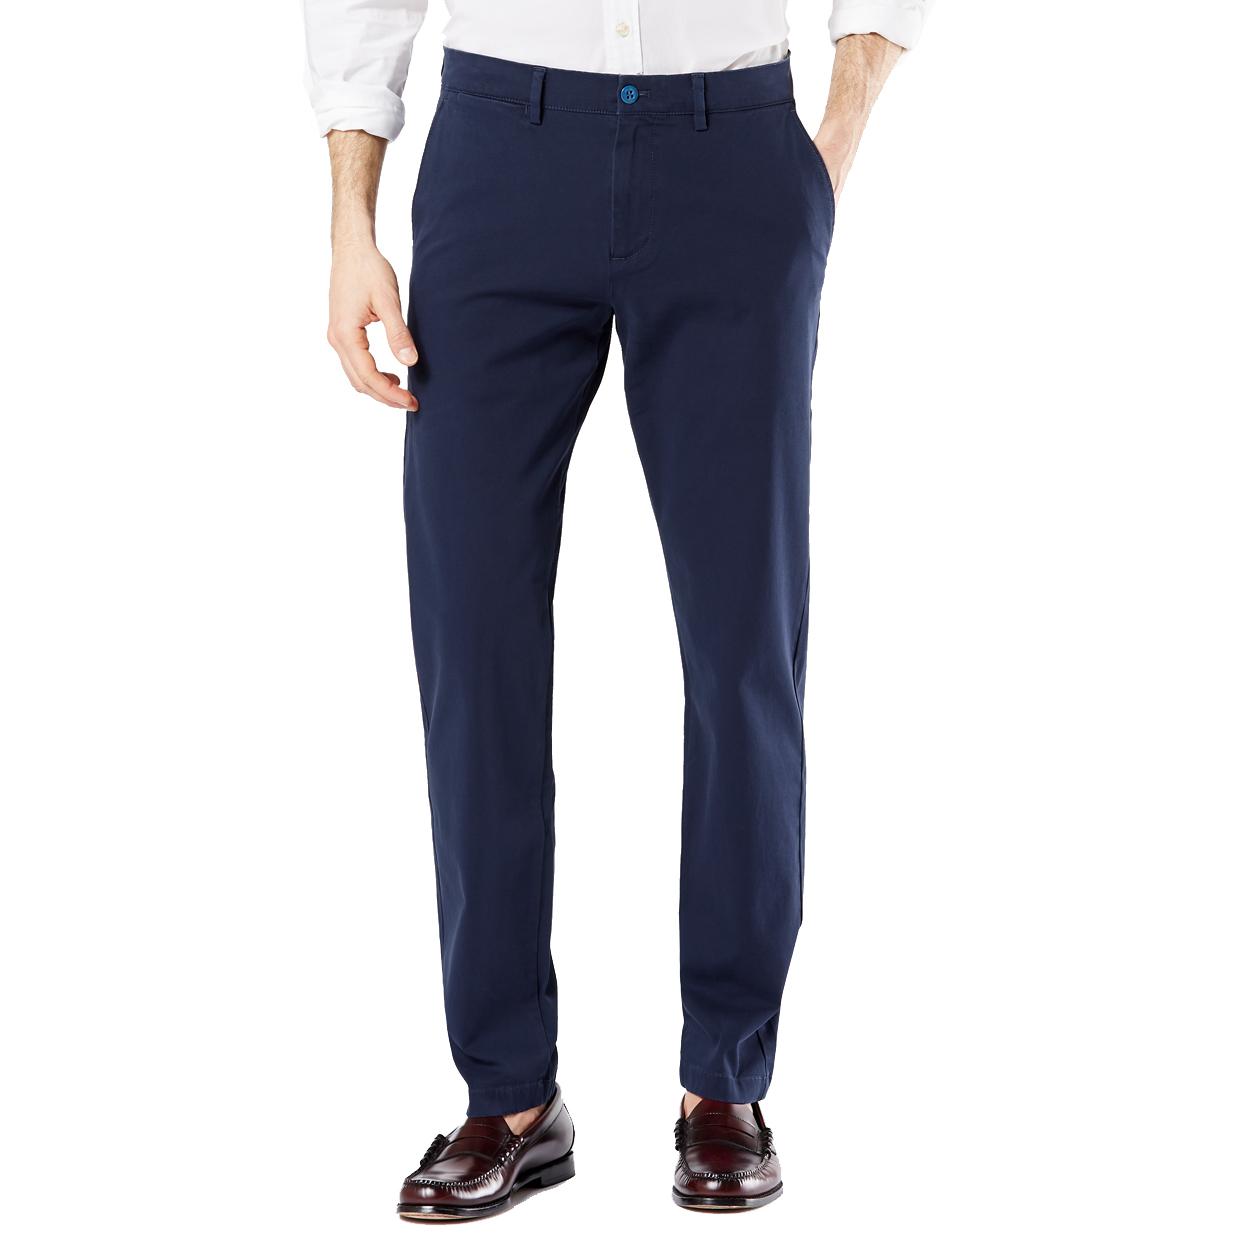 Pantalon chino  taper en coton stretch bleu marine